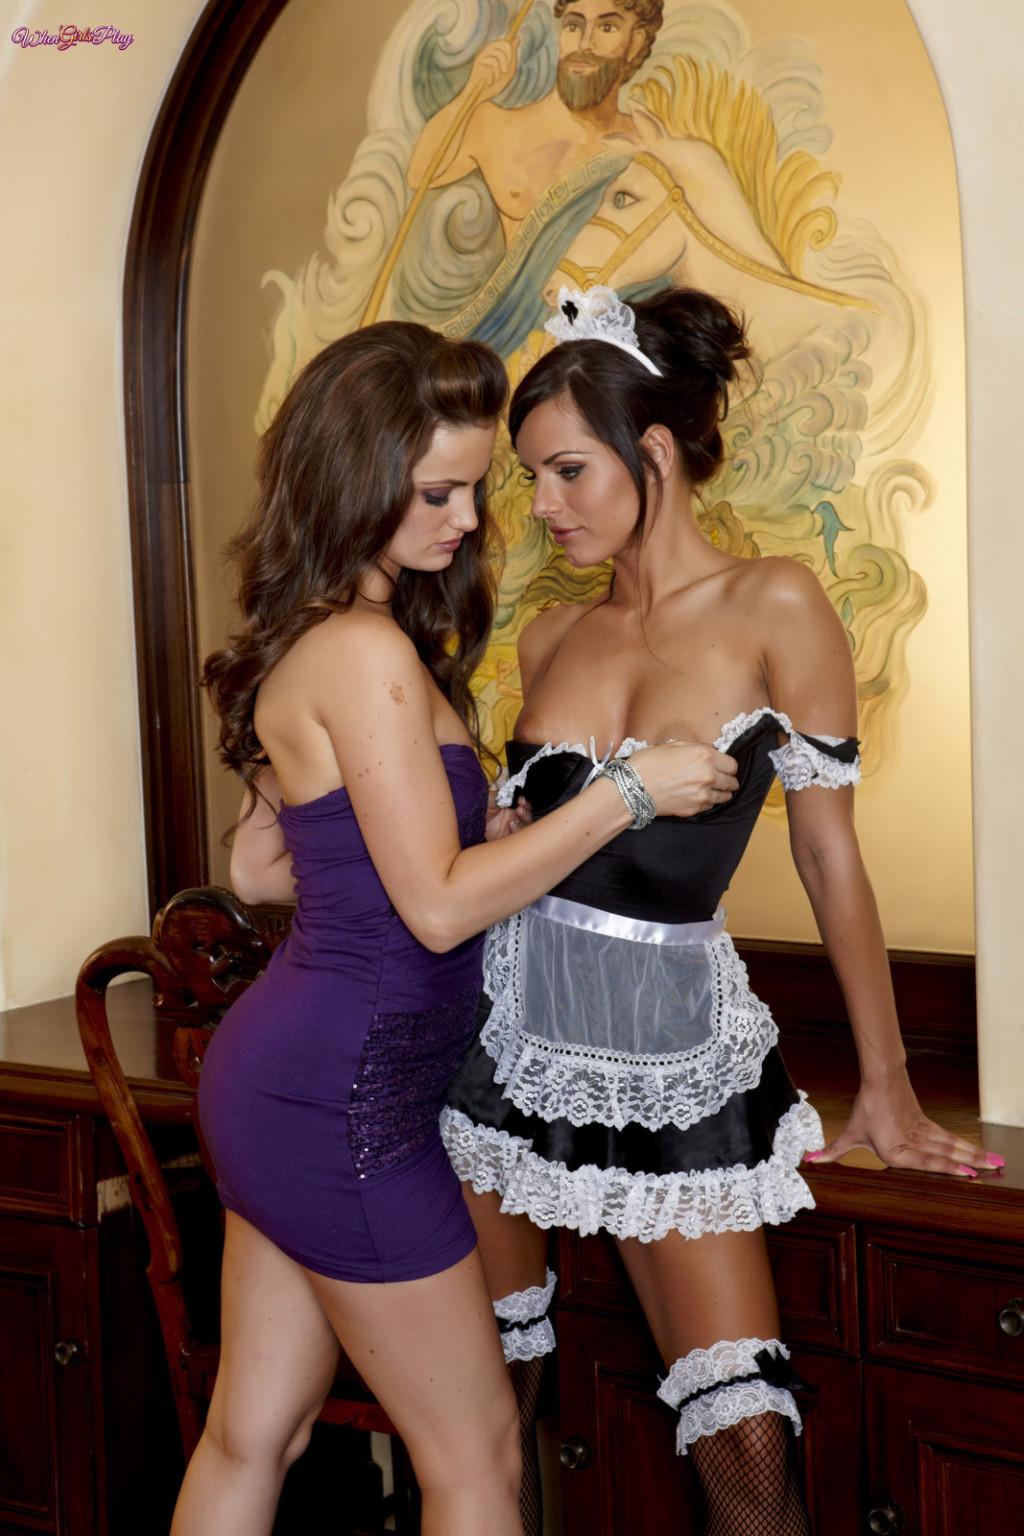 Sexy lesbian maid